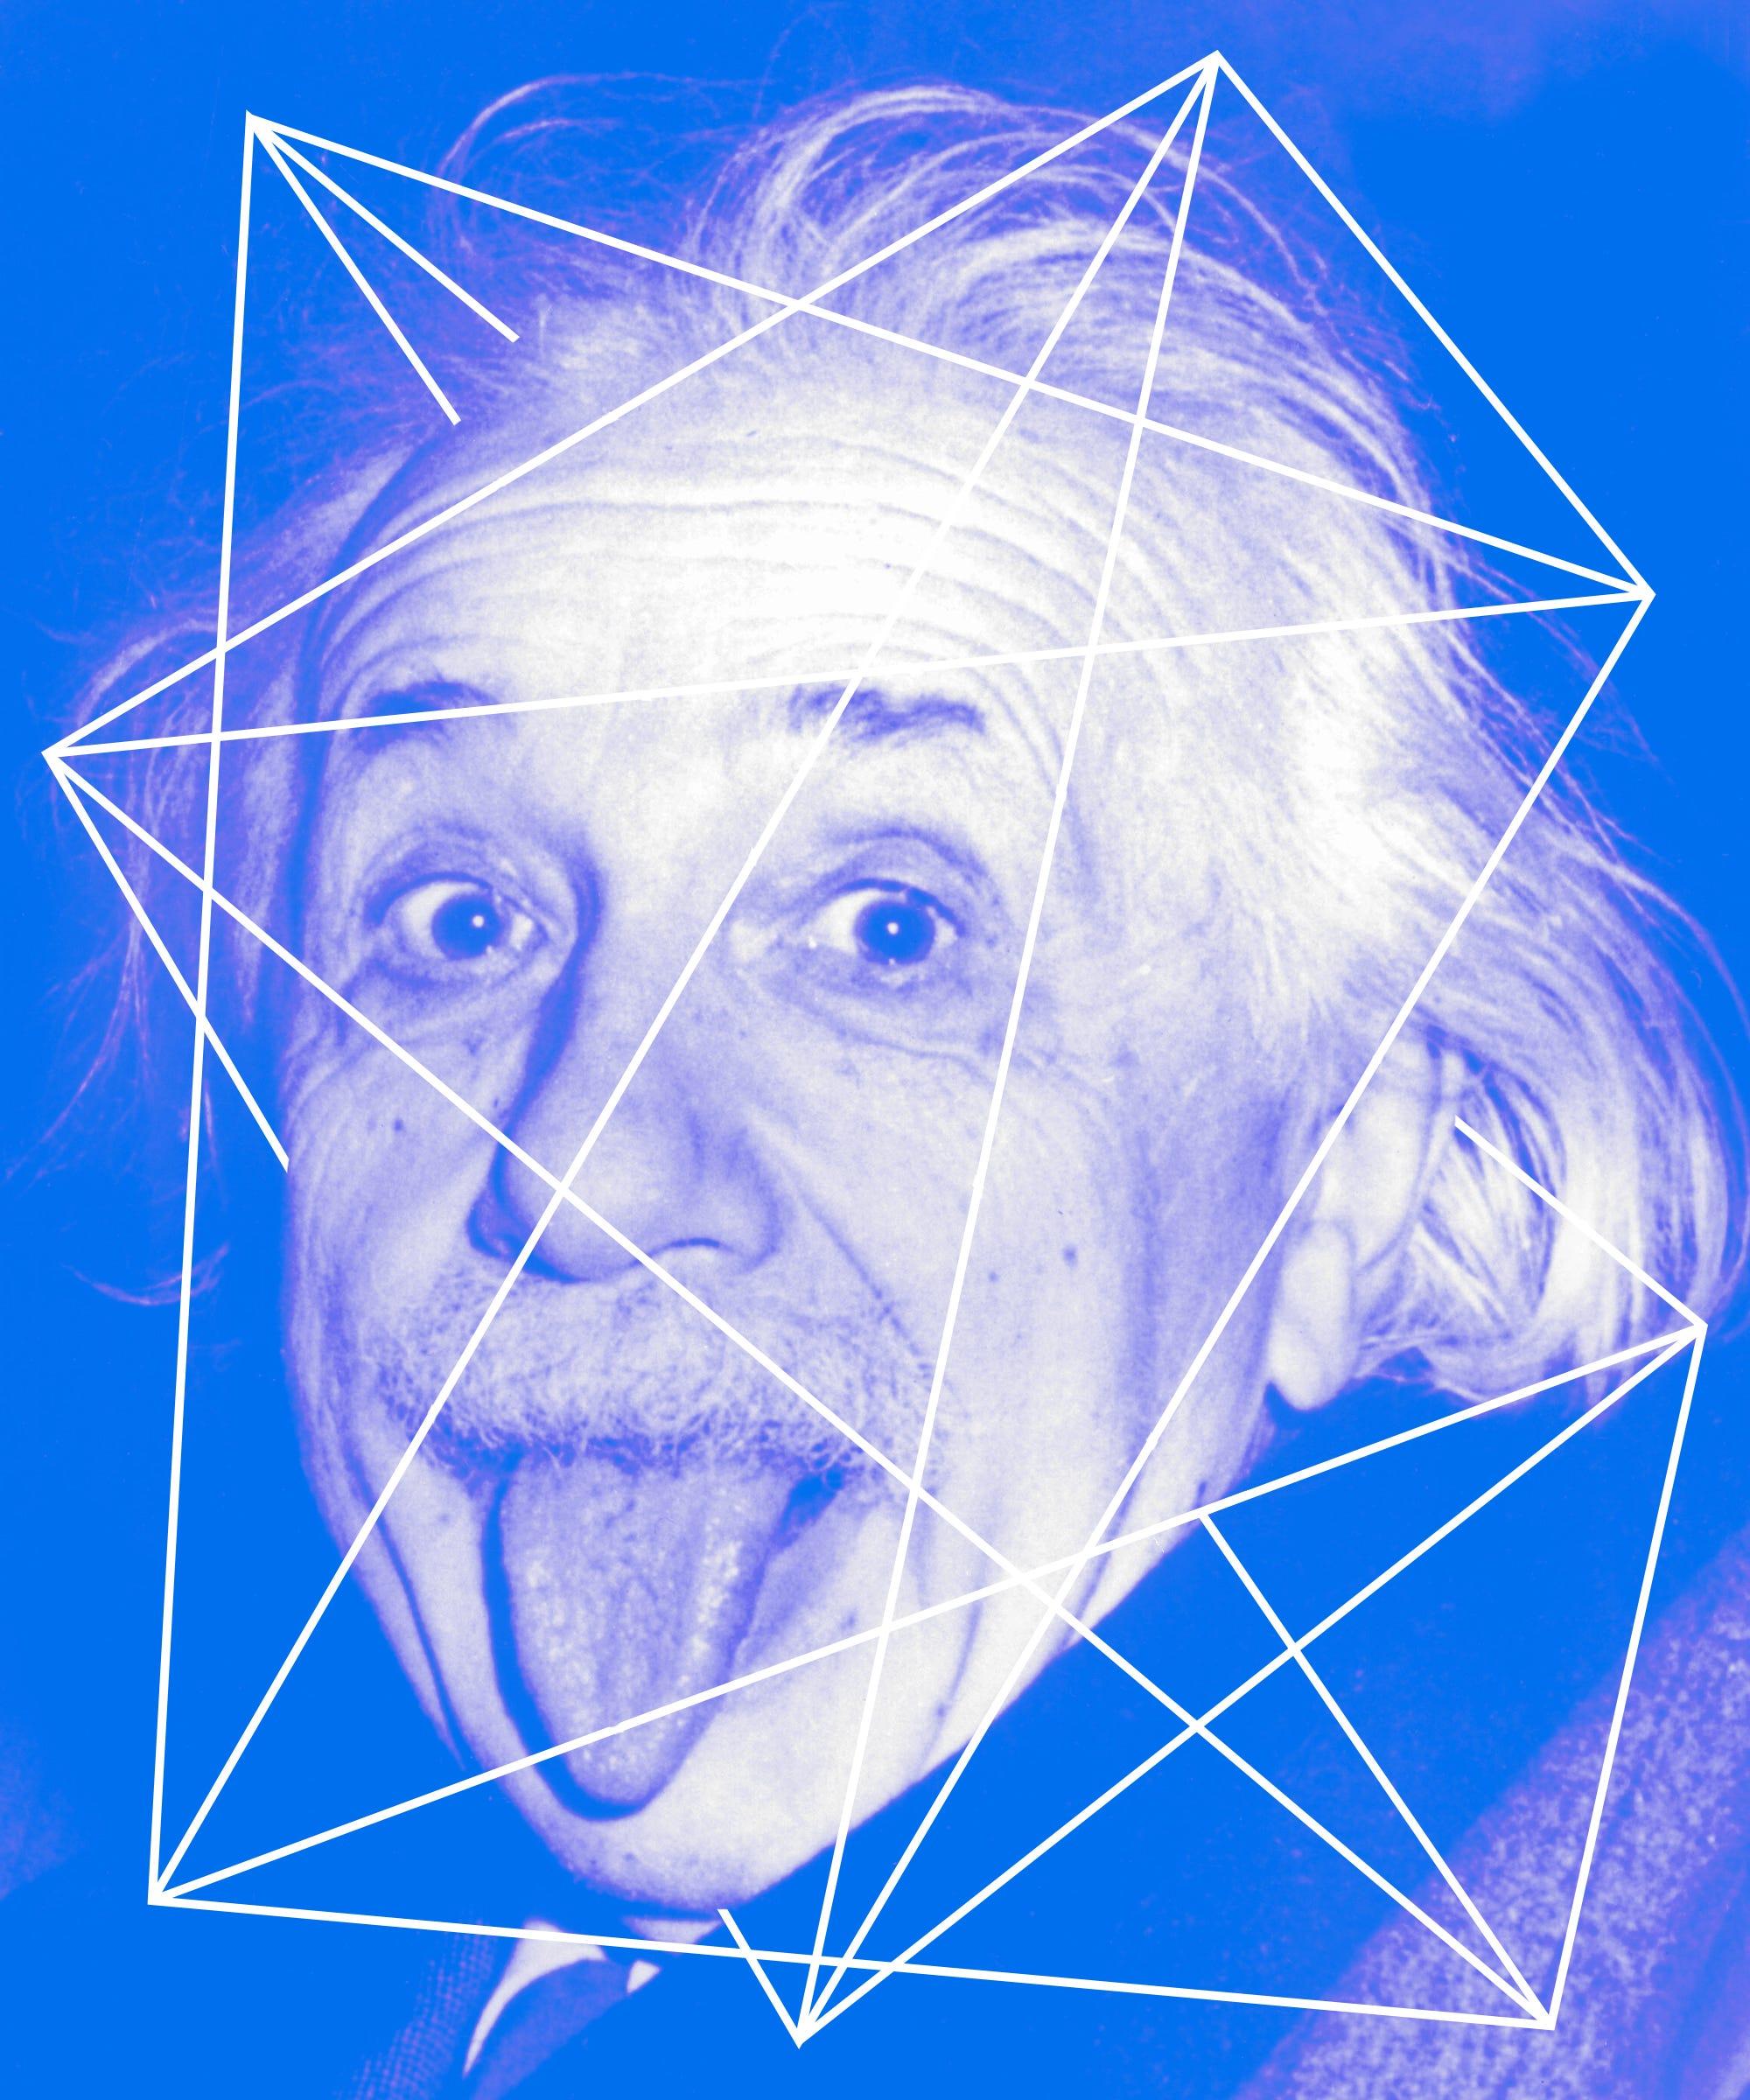 Salazar-Elliot_EinsteinQuotes_20160308_2000x2400_Opener_Op1